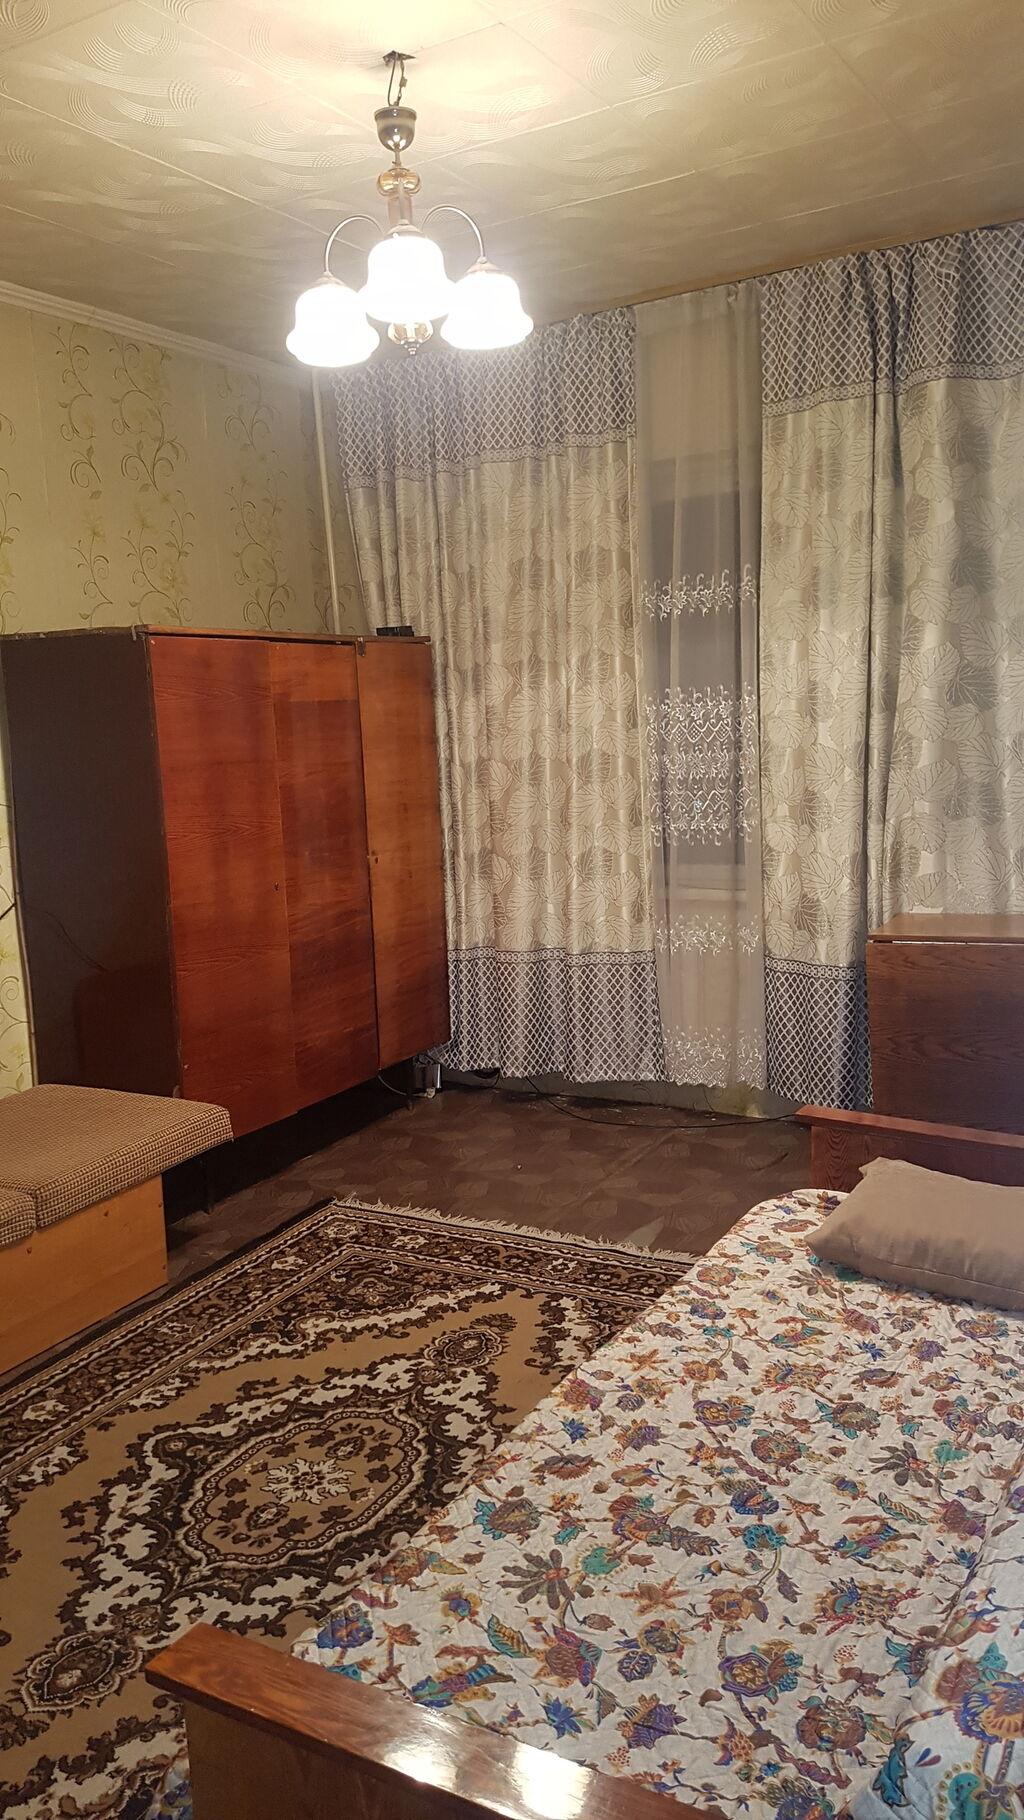 Продается квартира: Ортосайский рынок, 2 комнаты, 54 кв. м: Продается квартира: Ортосайский рынок, 2 комнаты, 54 кв. м